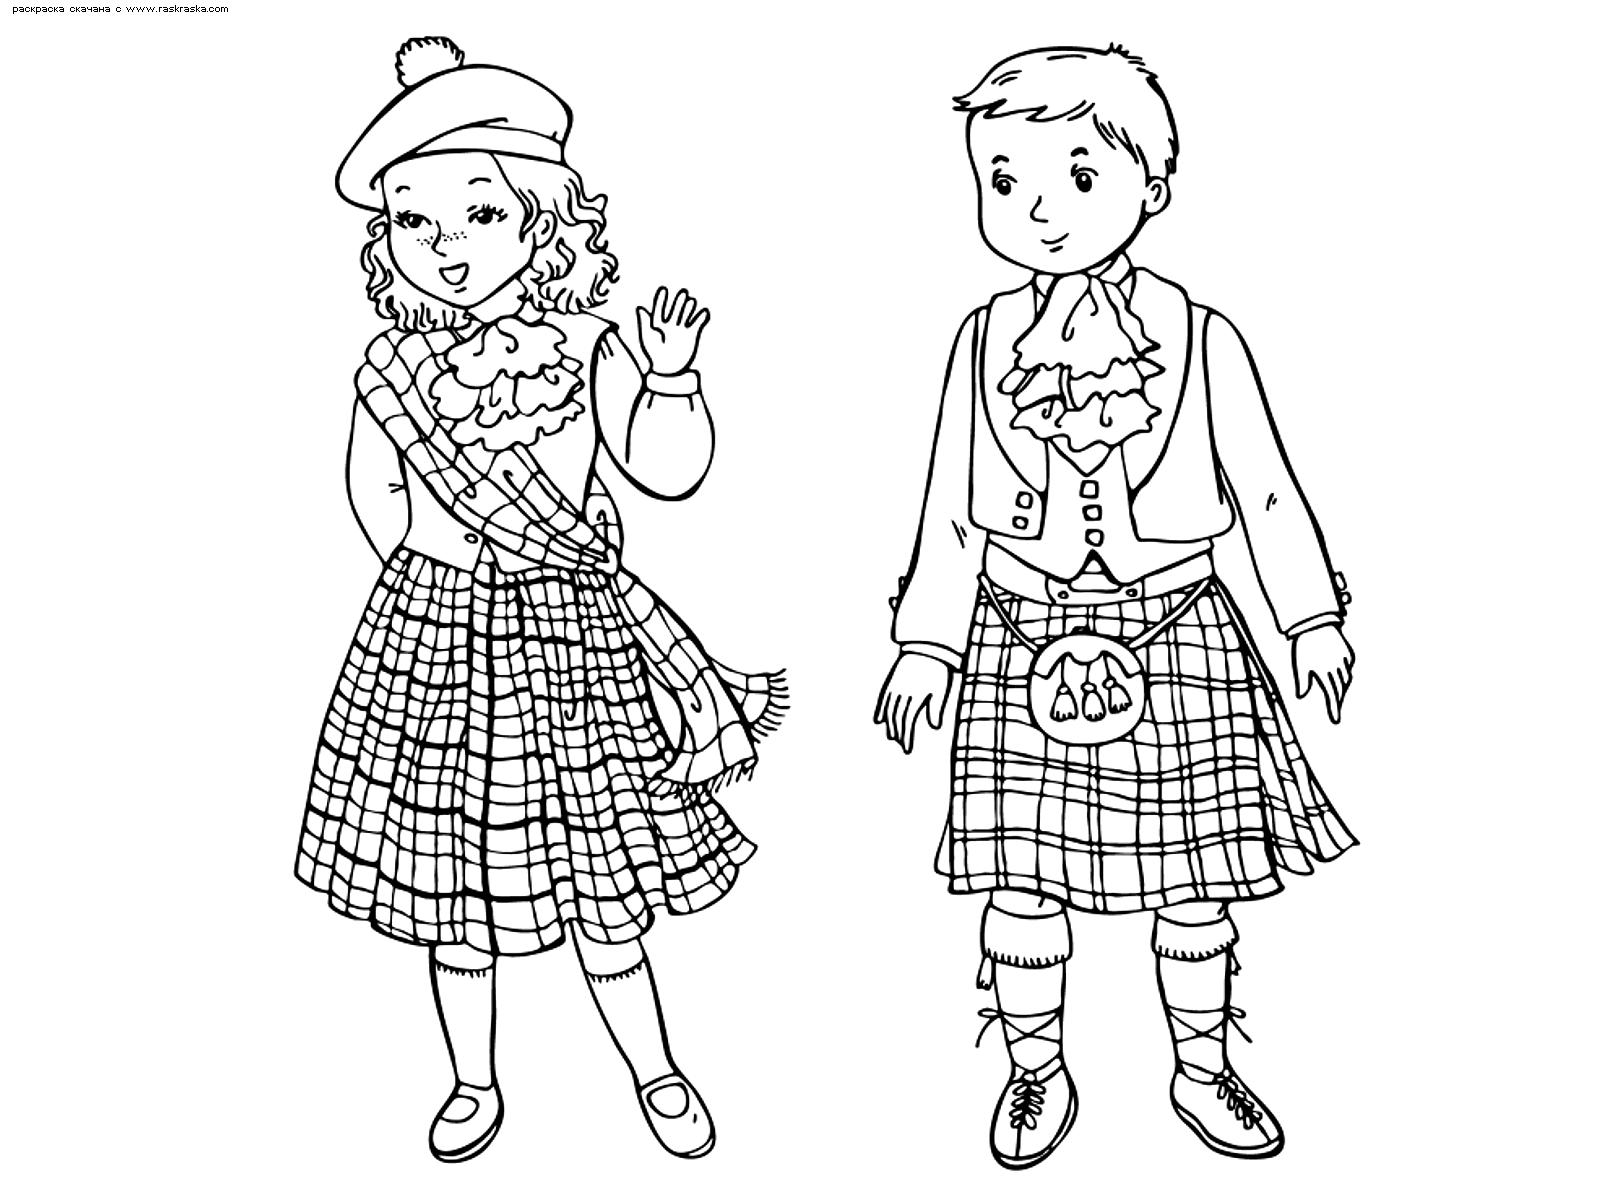 Раскраска Шотландские дети. Раскраска шотландия